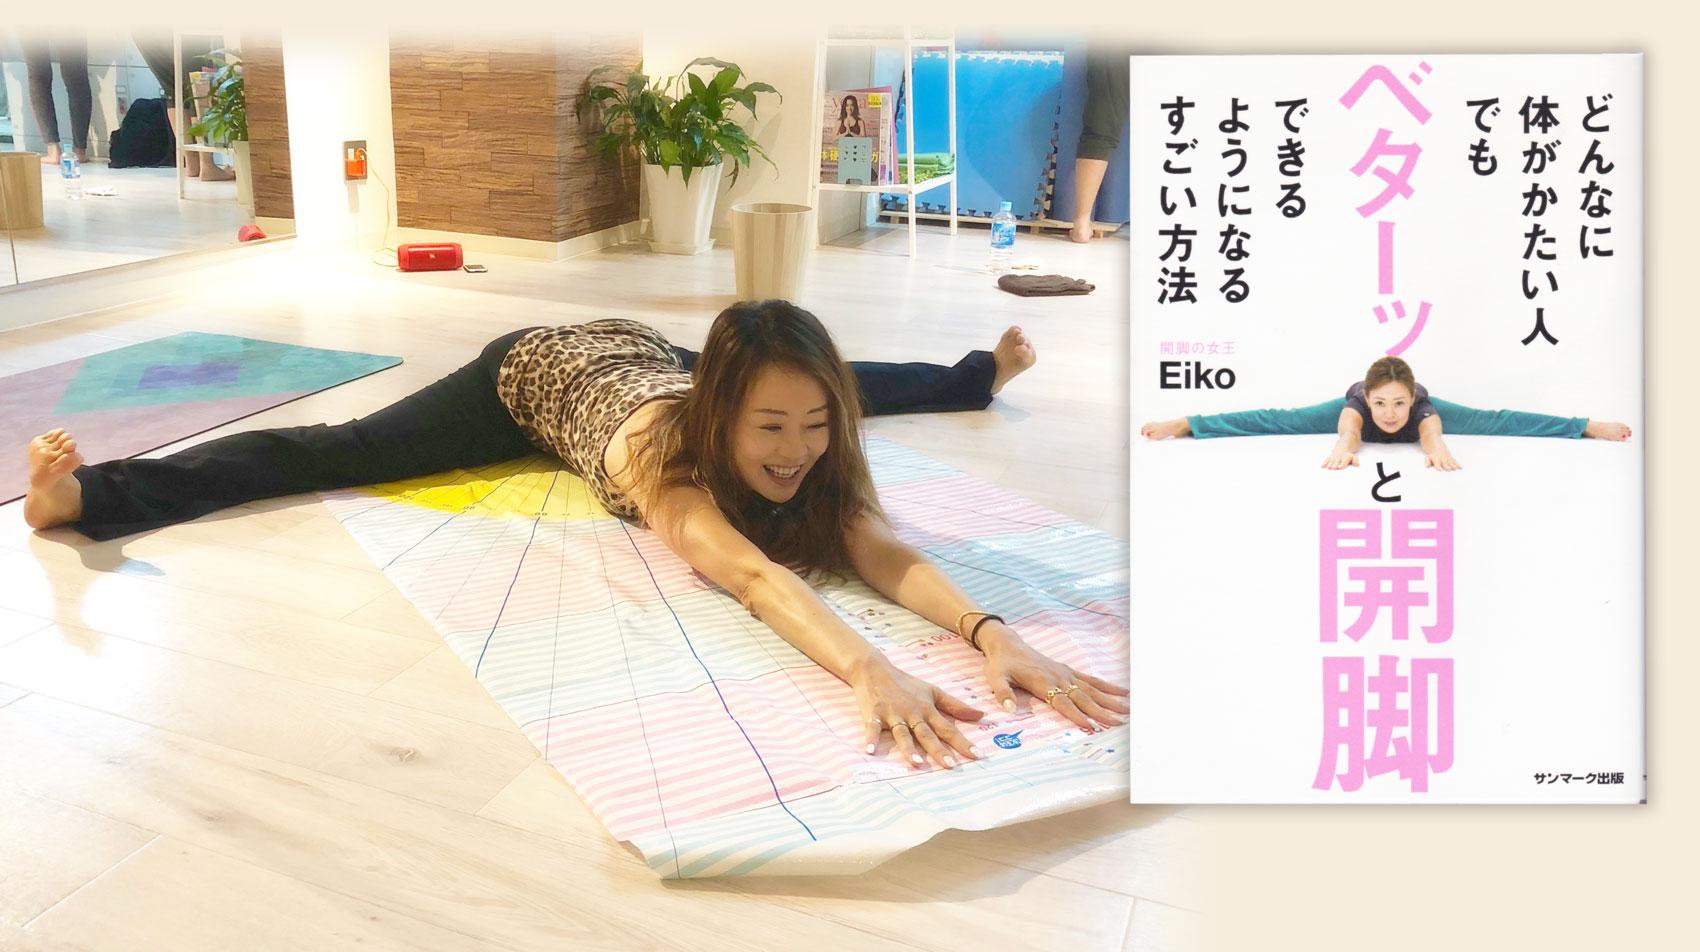 『開脚の女王 Eiko先生から学ぶ ベターッと開脚ストレッチ』